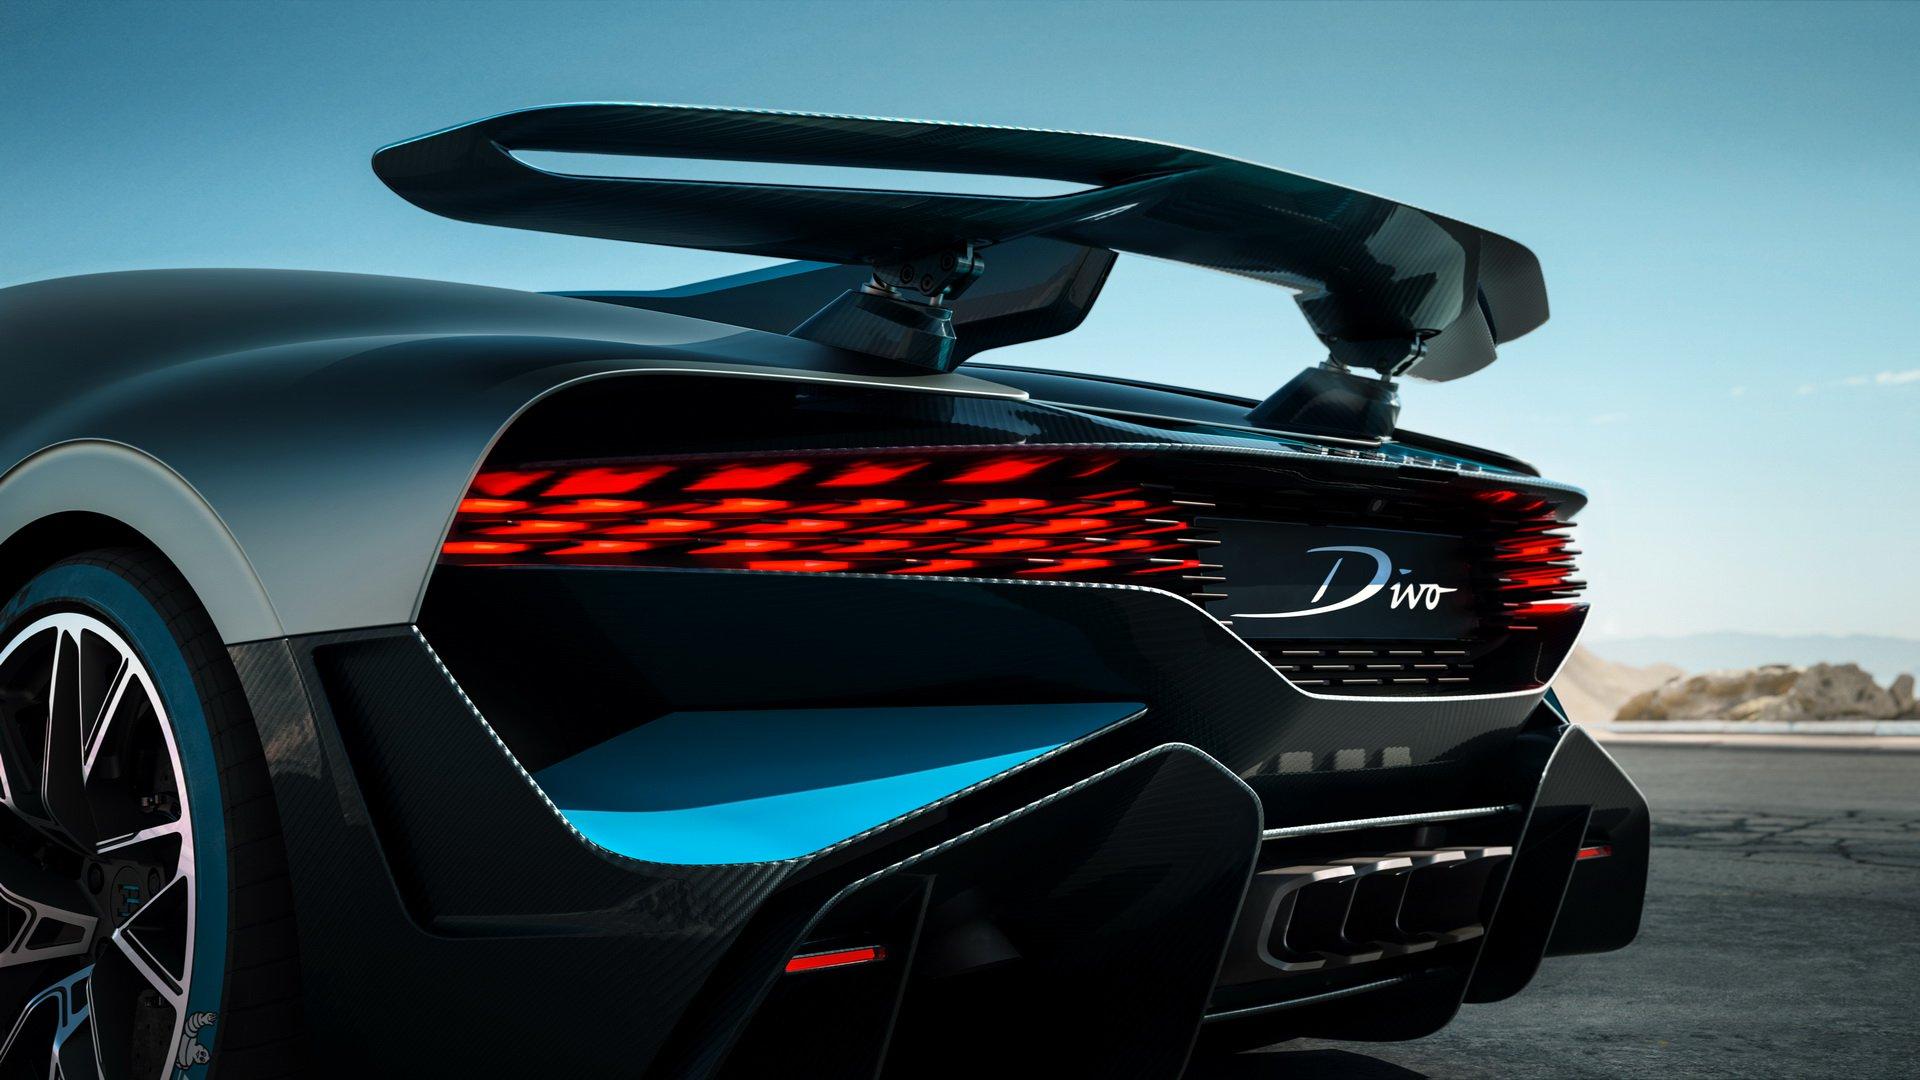 ea25883d-bugatti-new-model-3